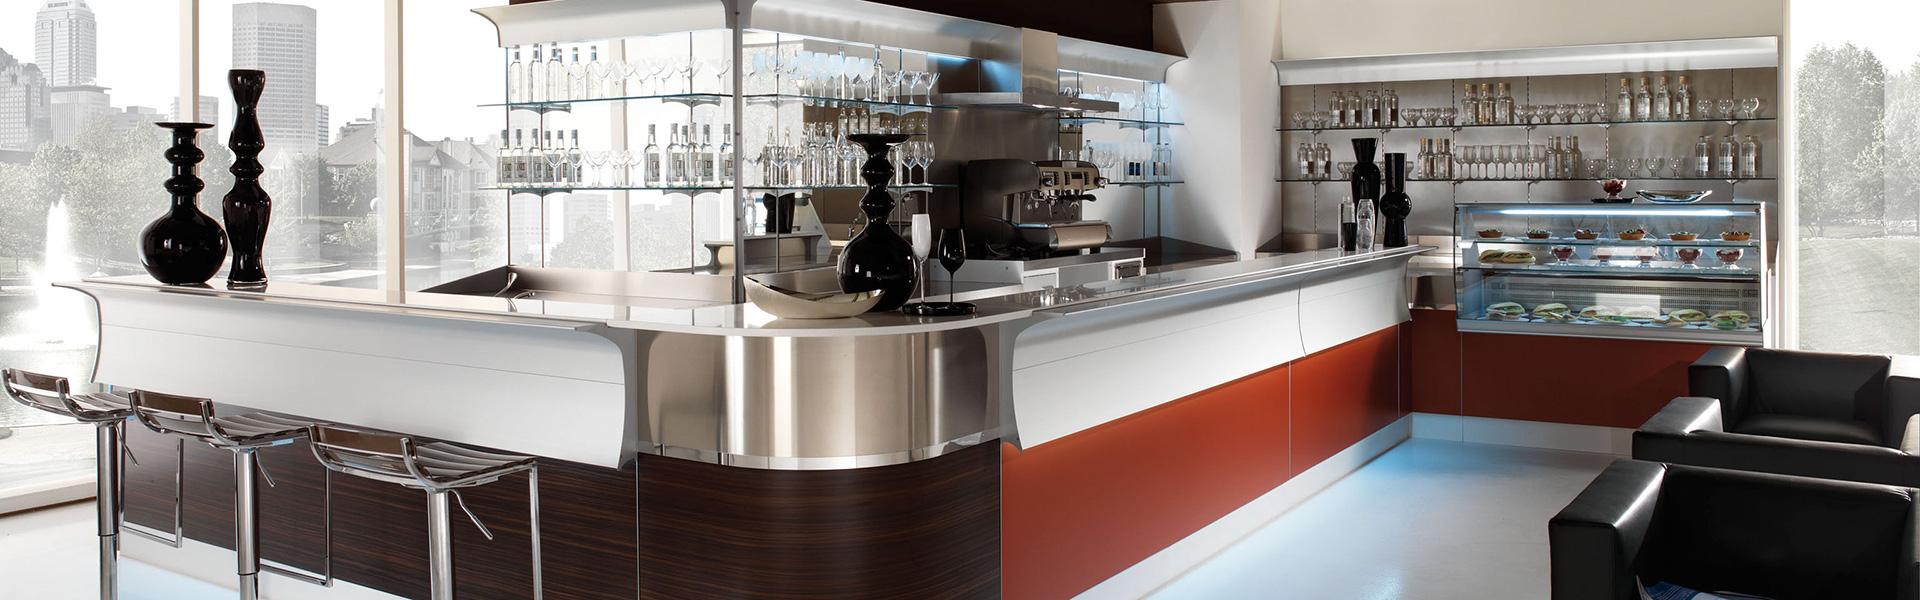 Progetti di arredamento per negozi ab arredamenti negozi for Progetti di arredamento